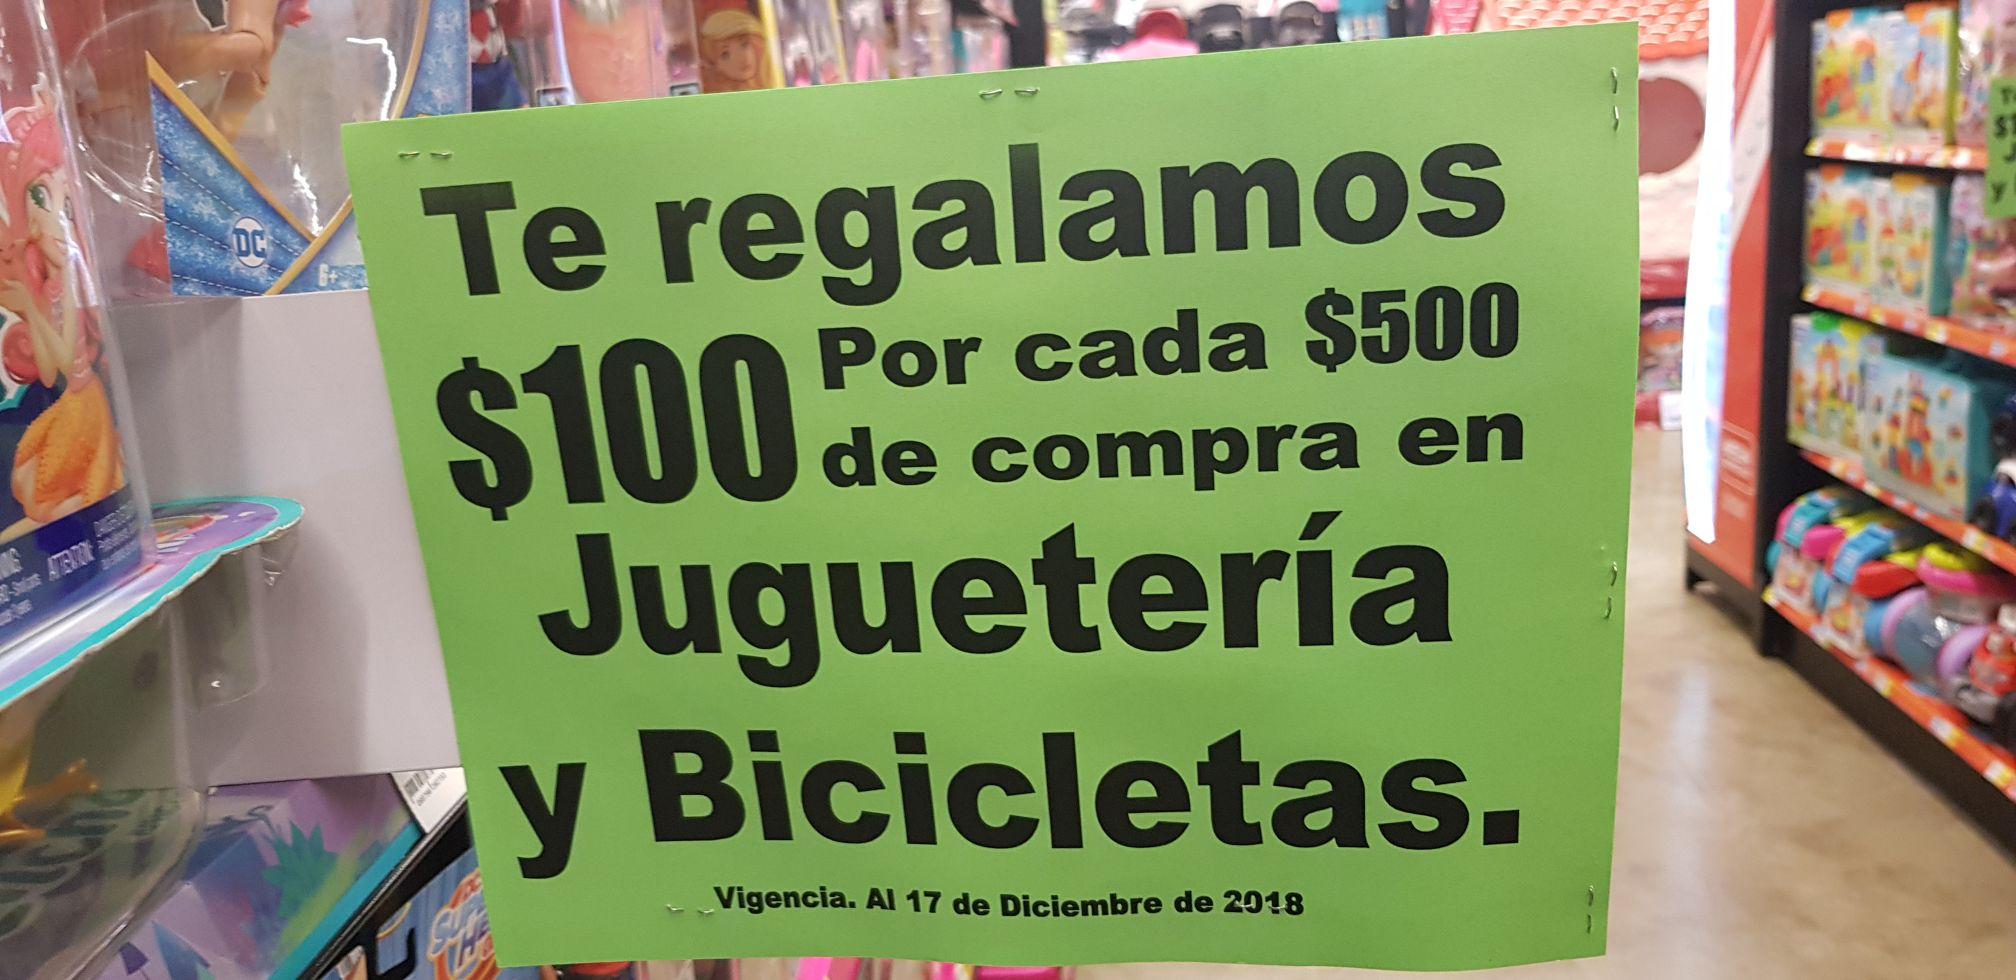 La comer: $100 de regalo por cada 500 en Juguetería y bicicletas